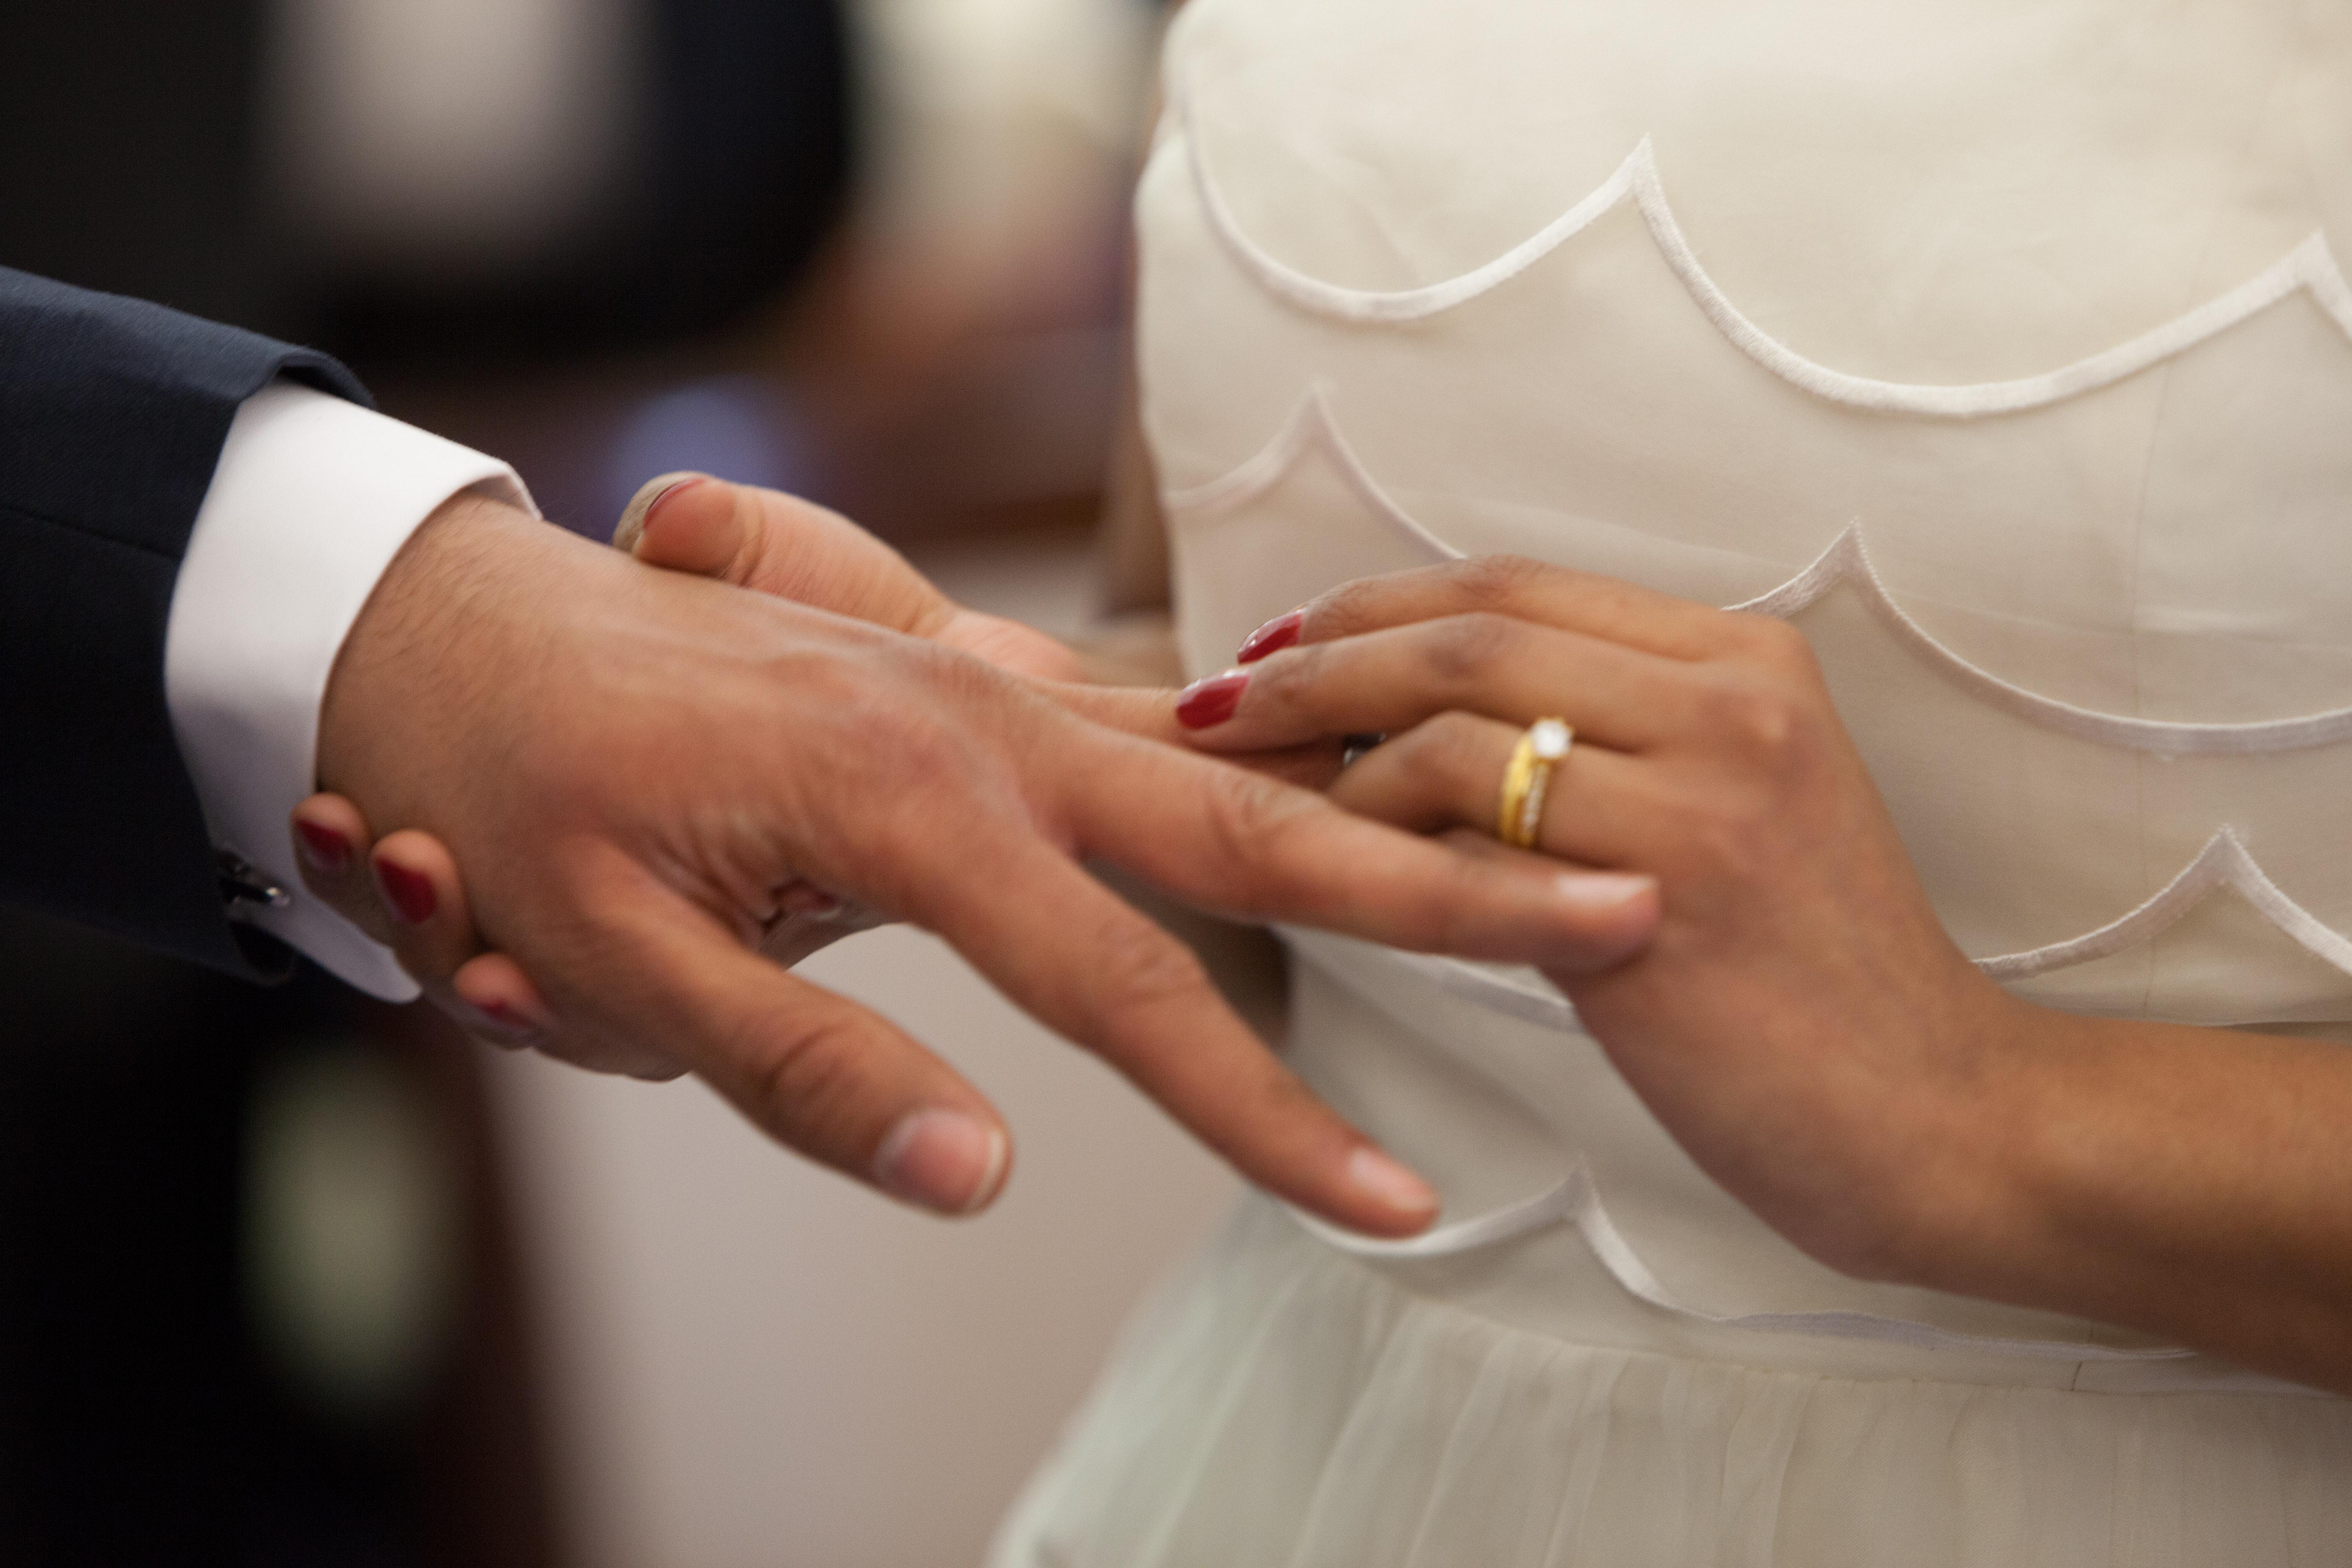 bride-dress-hands-35981